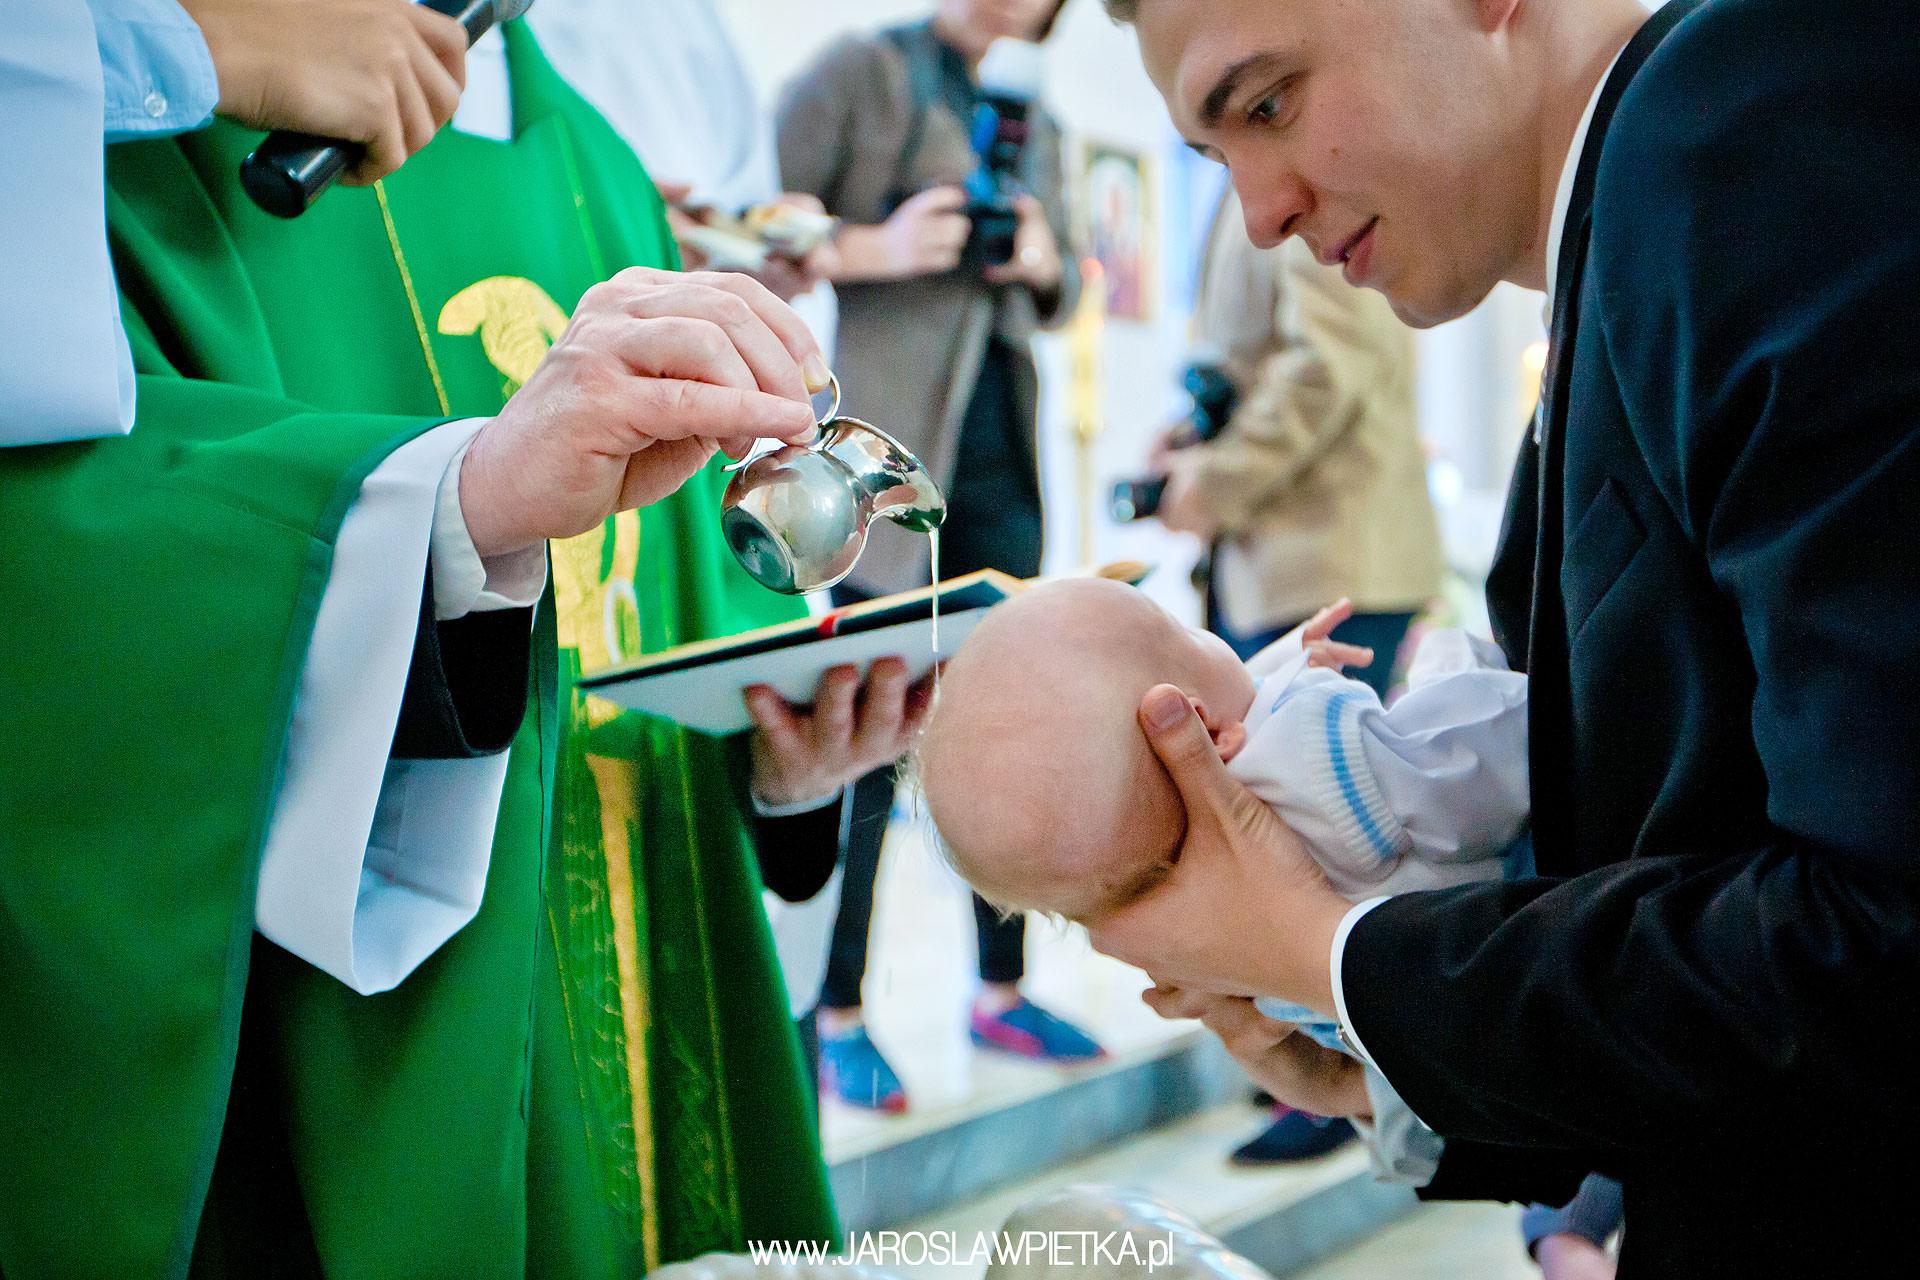 chrzest święty _ chrzest galeria zdjęć